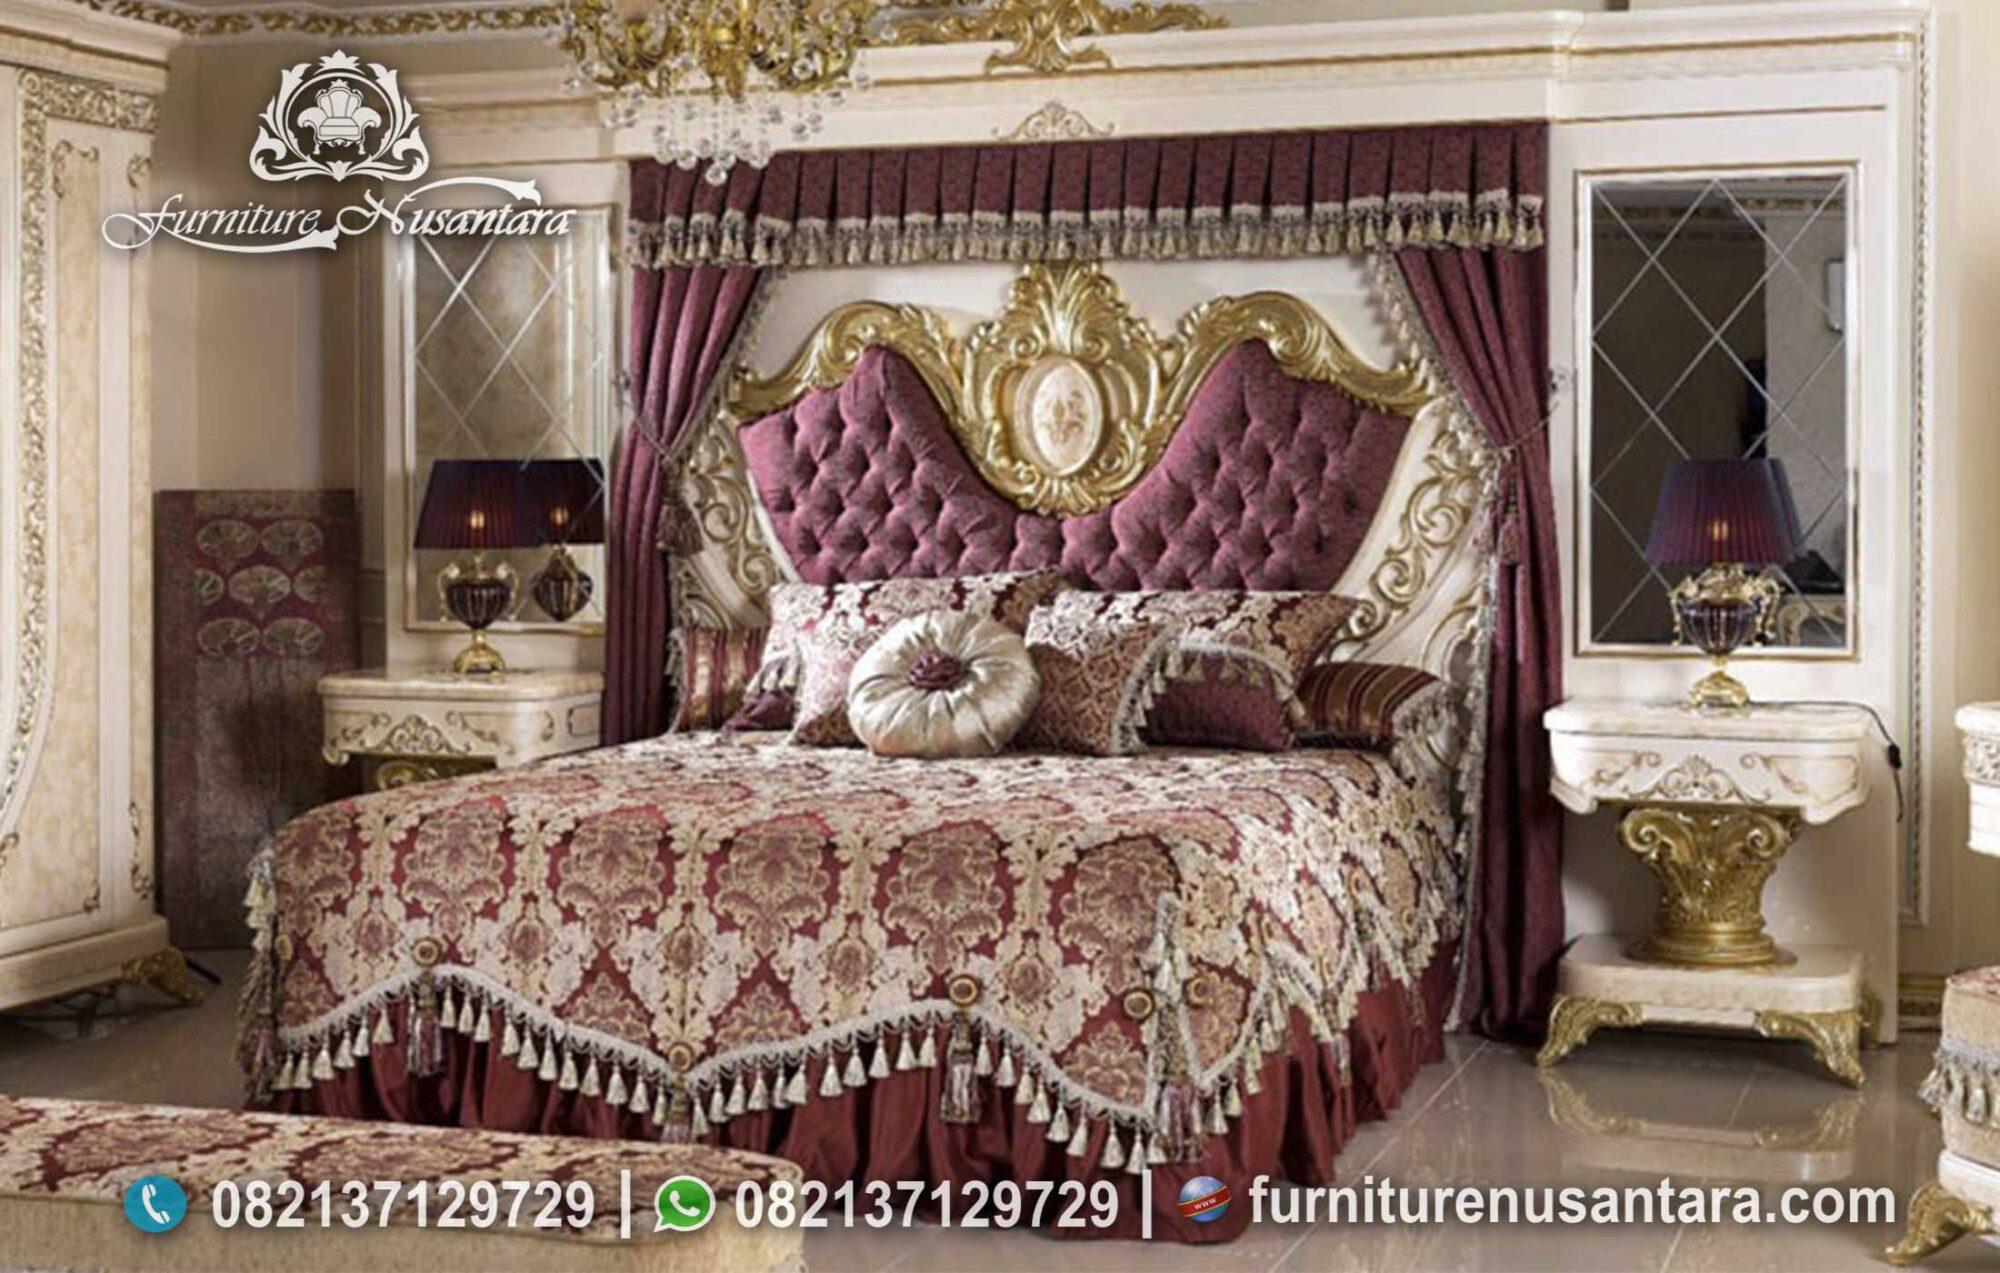 Kamar Set Klasik Luxury Mewah Terbaik KS-238, Furniture Nusantara